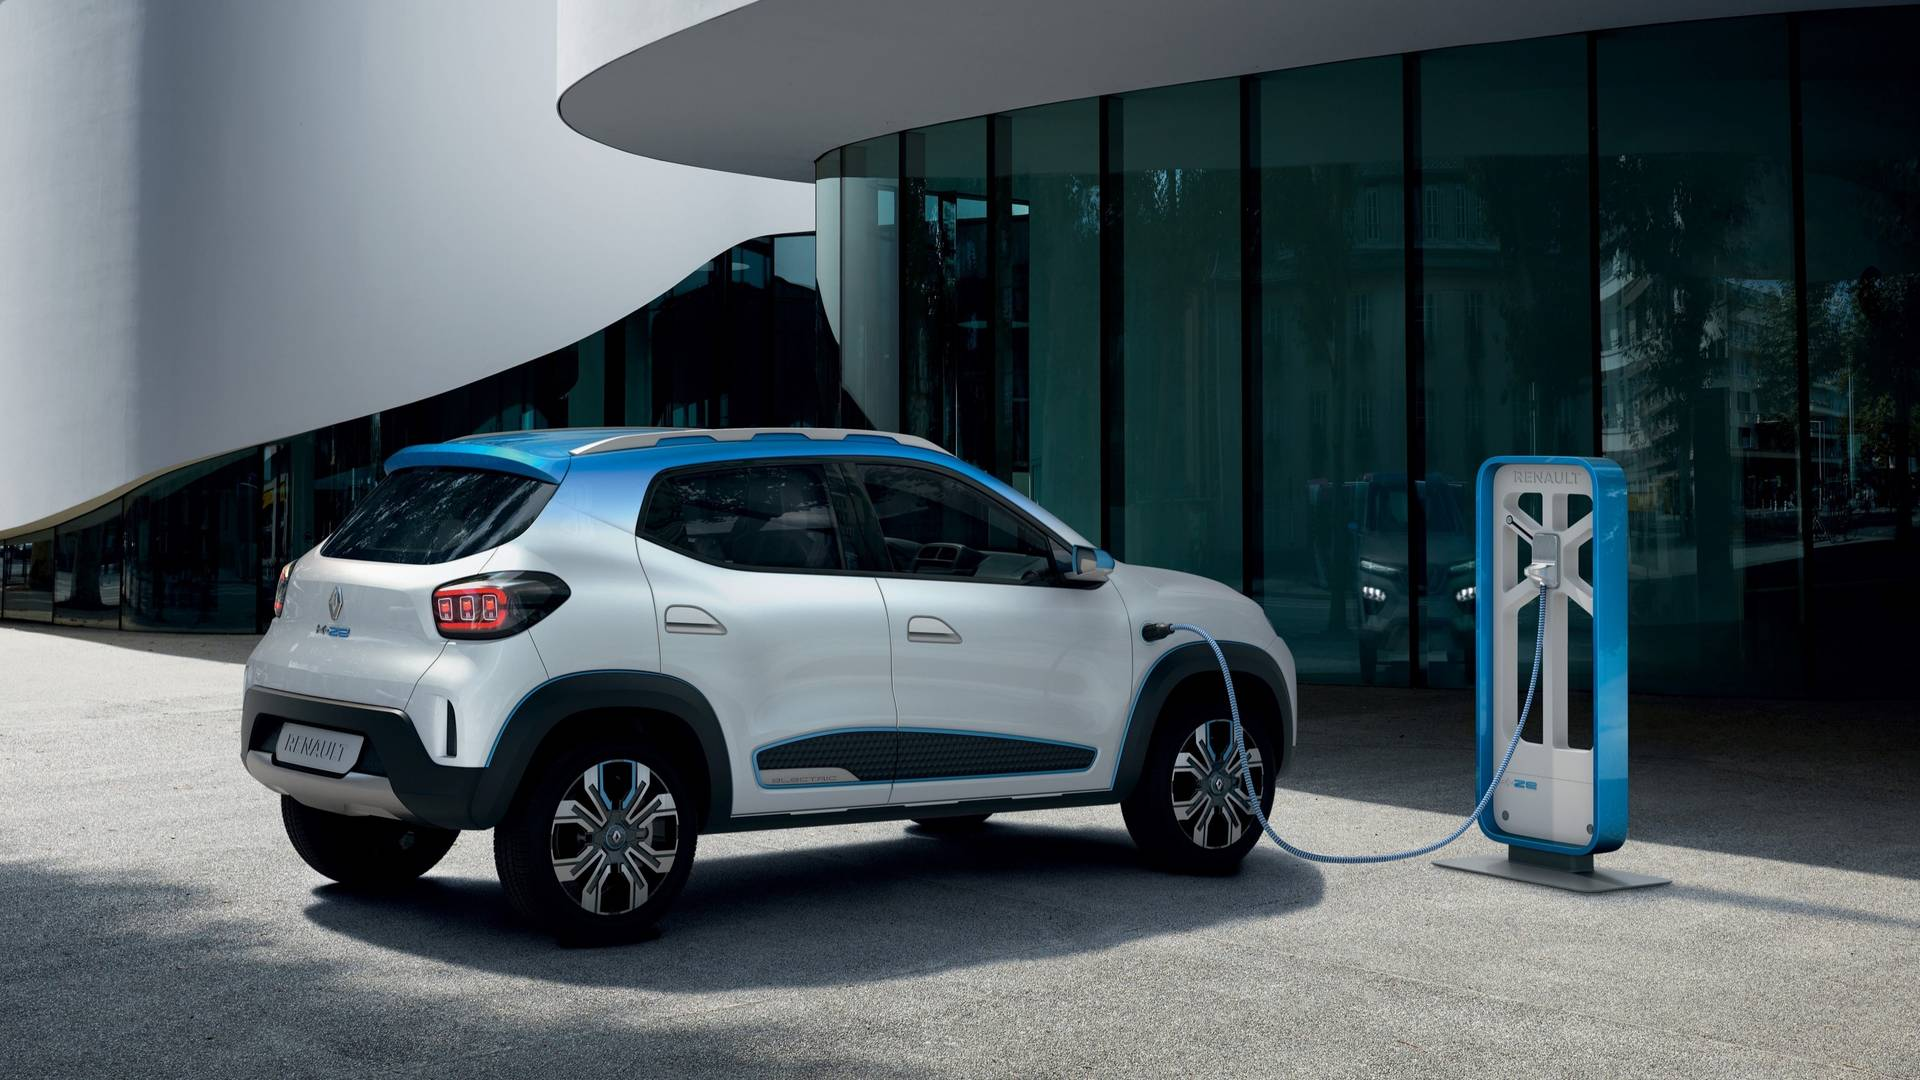 Renault Kwid elétrico será revelado em abril Renault-k-ze-concept